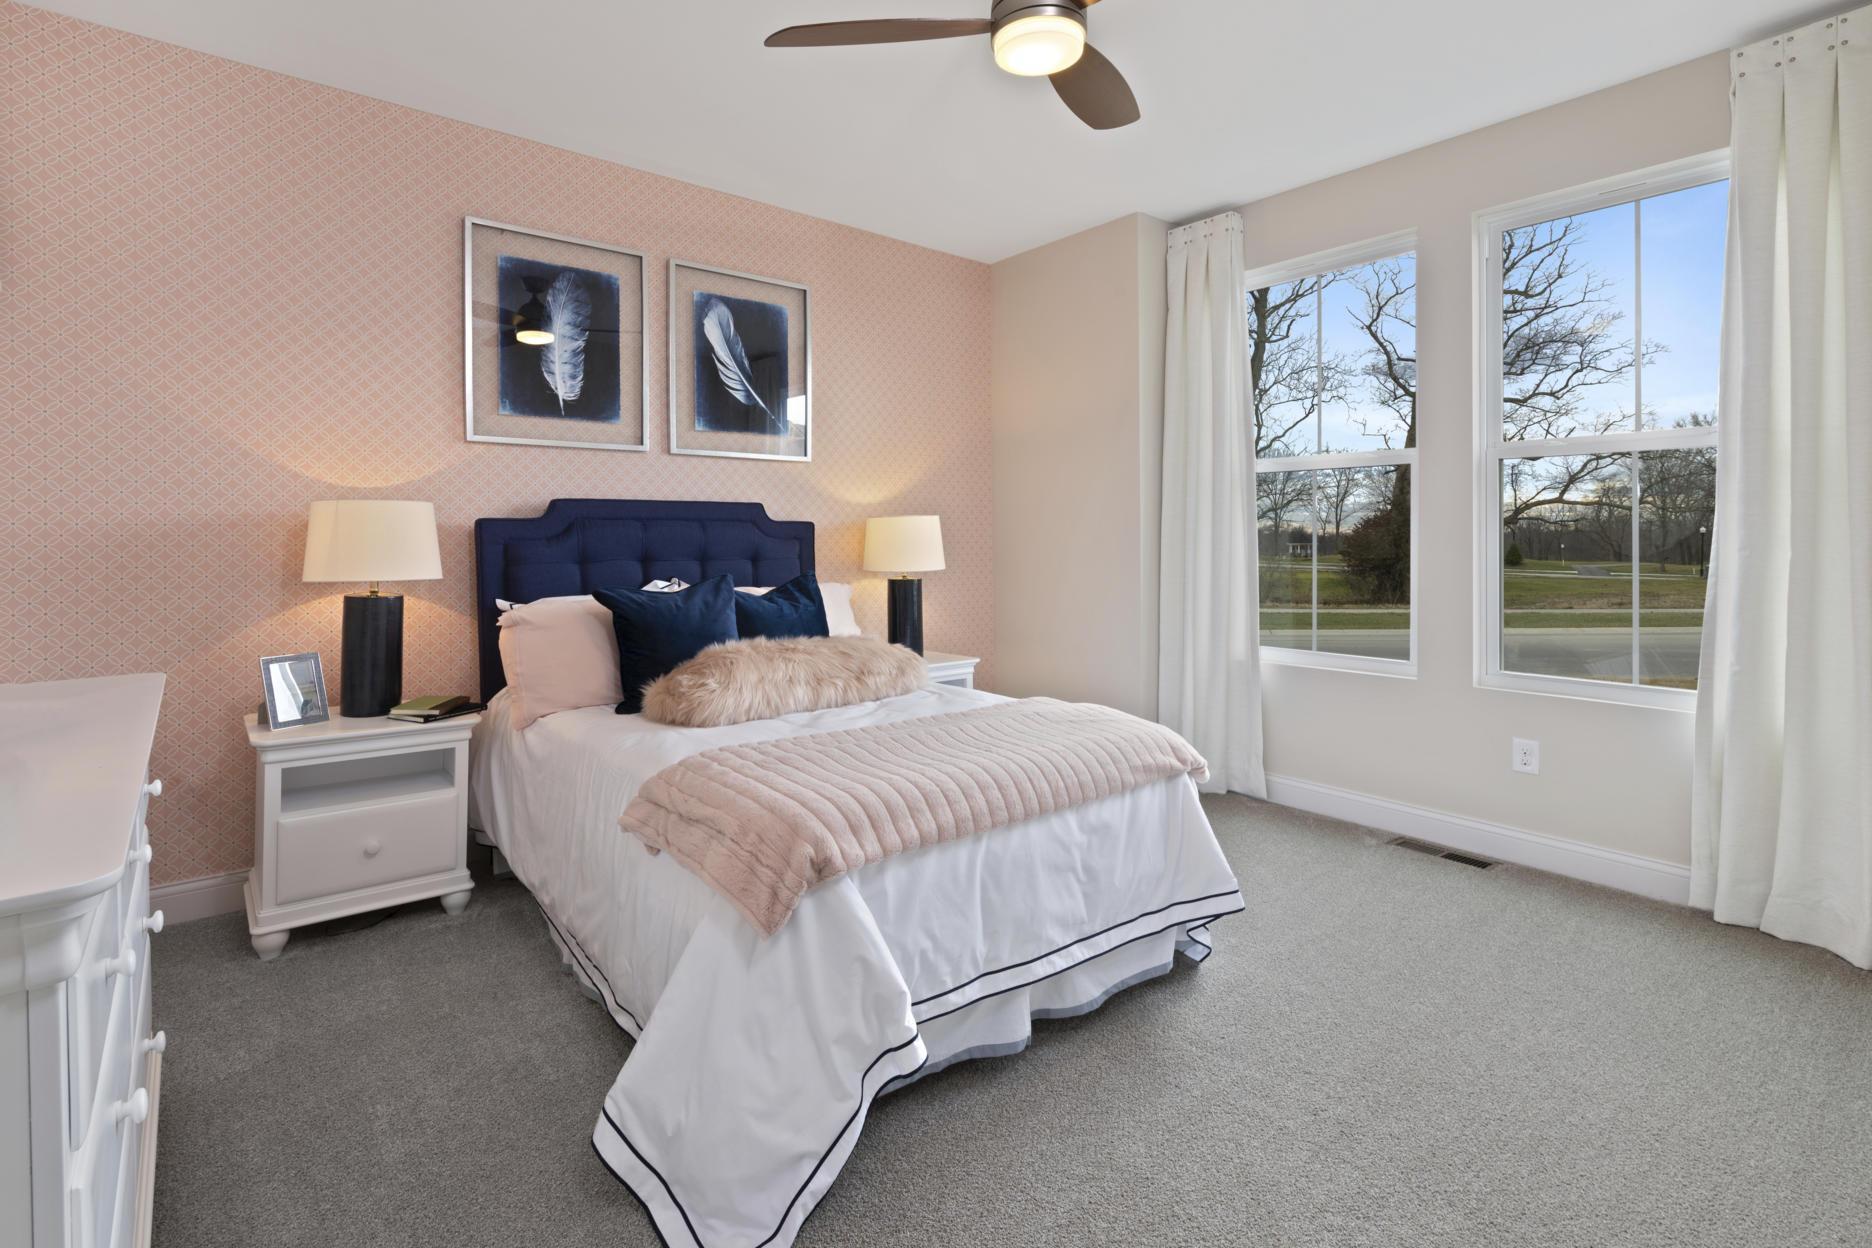 Bedroom featured in the Beachwood By Drees Homes in Cincinnati, OH